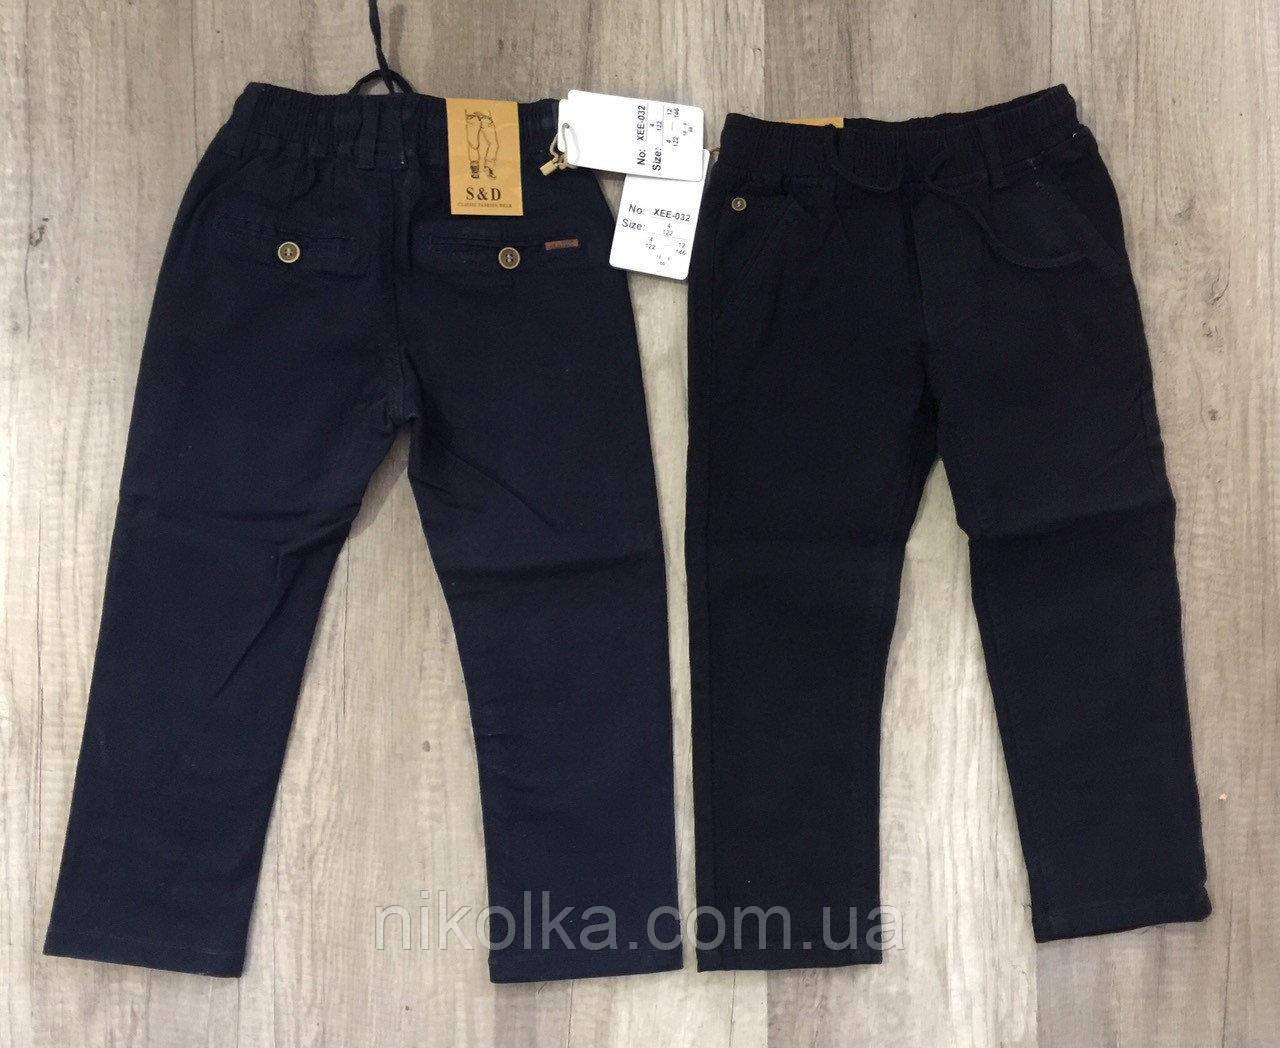 Котоновые брюки для мальчиков оптом, S&D, 4-12 лет, Арт. XEE-032